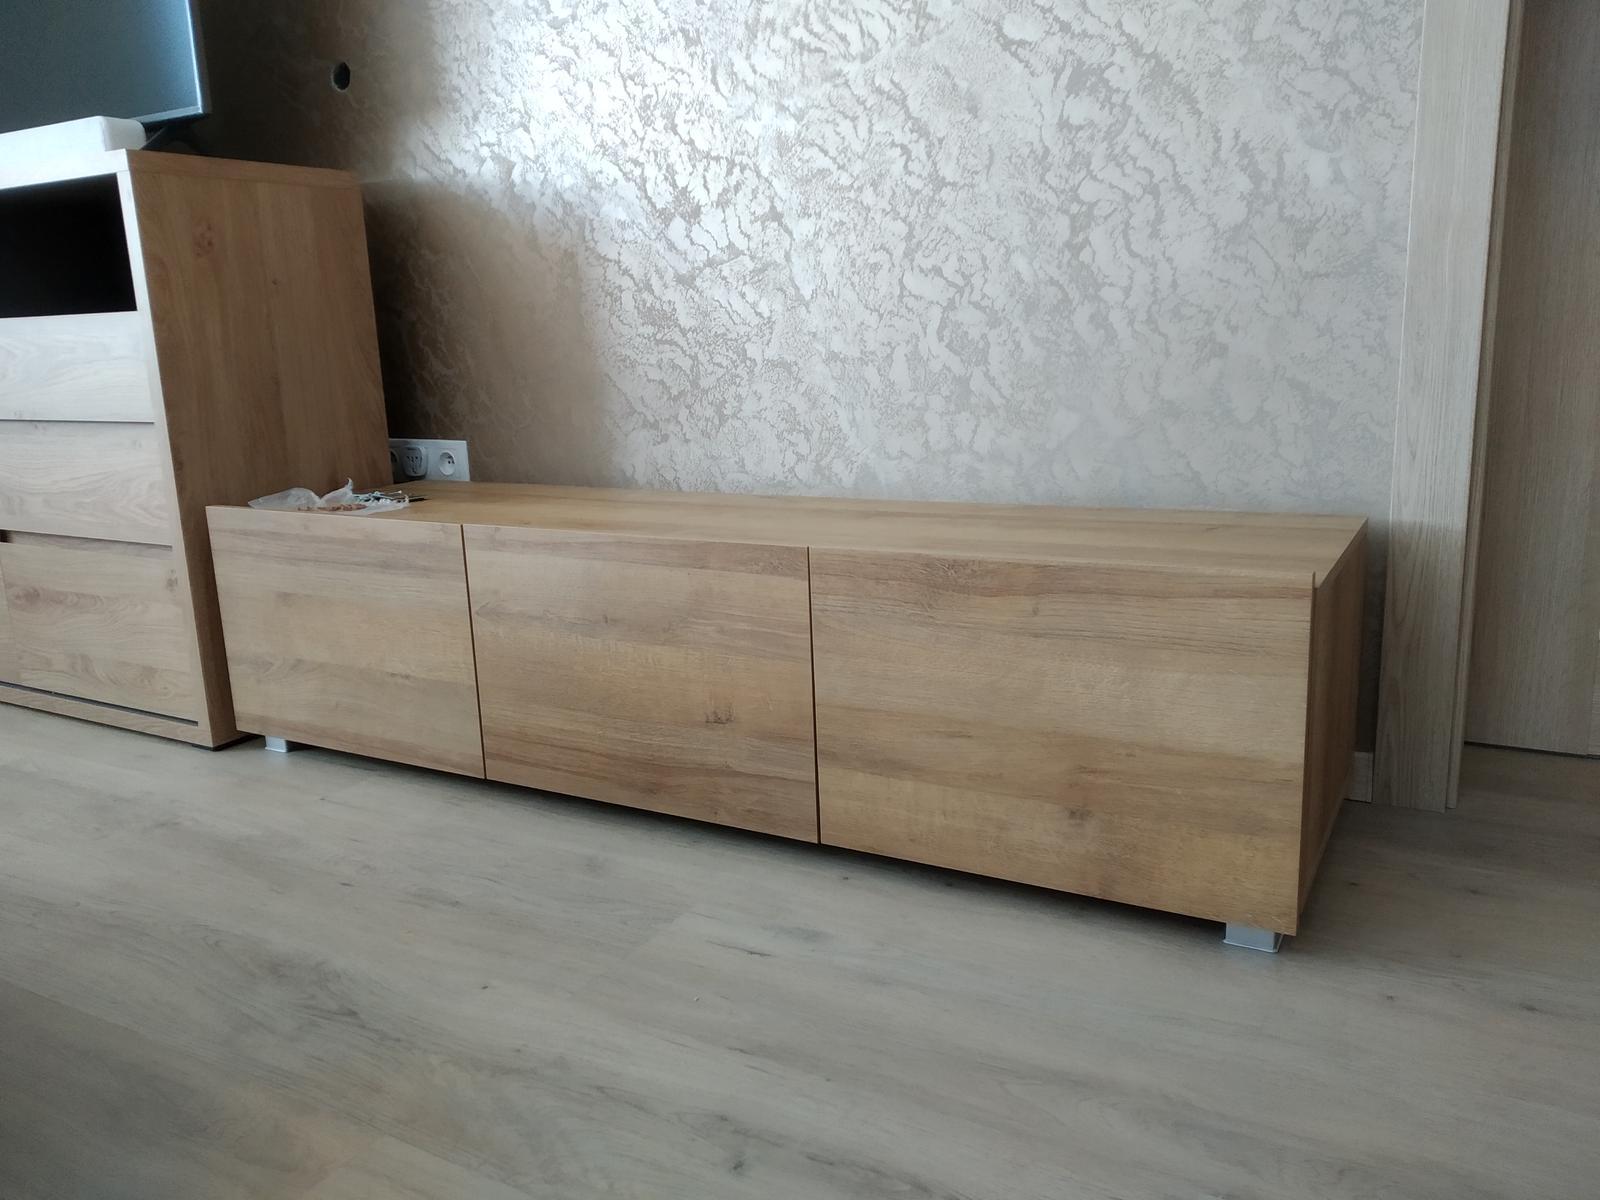 Nová 2x skrinka pod TV (aj závesná) 150cm - Obrázok č. 1